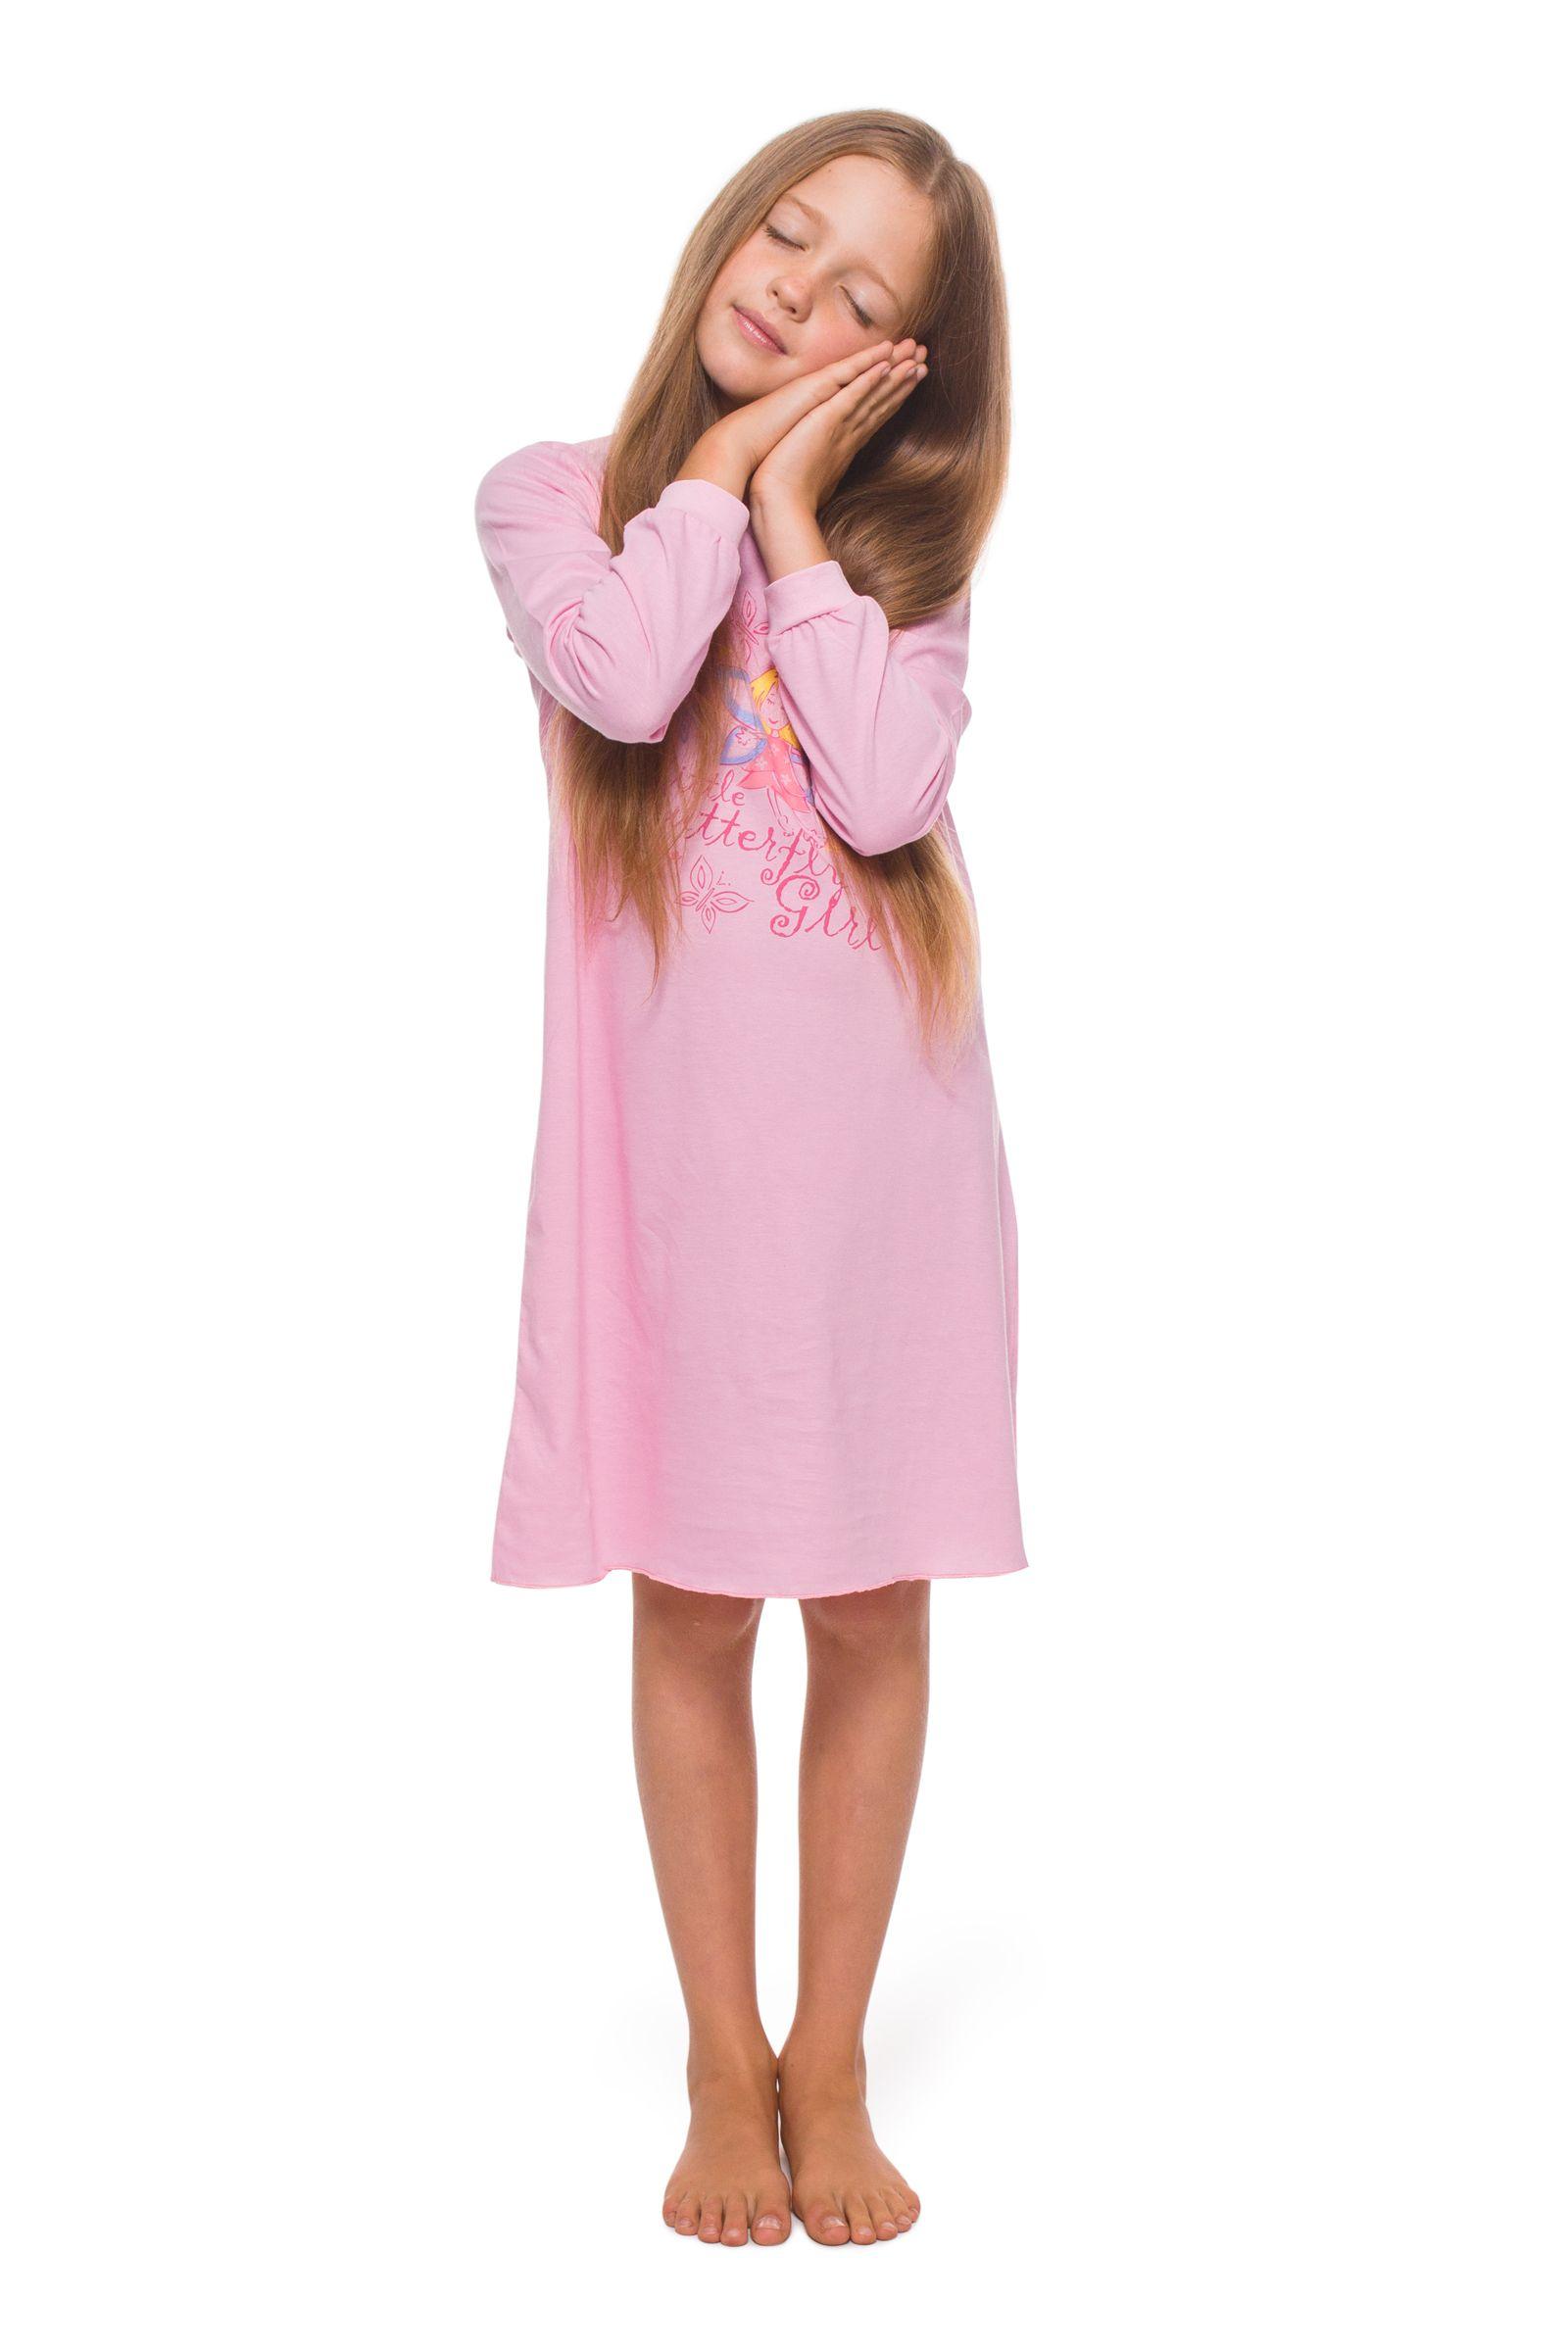 b36bb2cb70030dd Ночная сорочка-СР02-2231 оптом от производителя детской одежды 'Алёна' ...